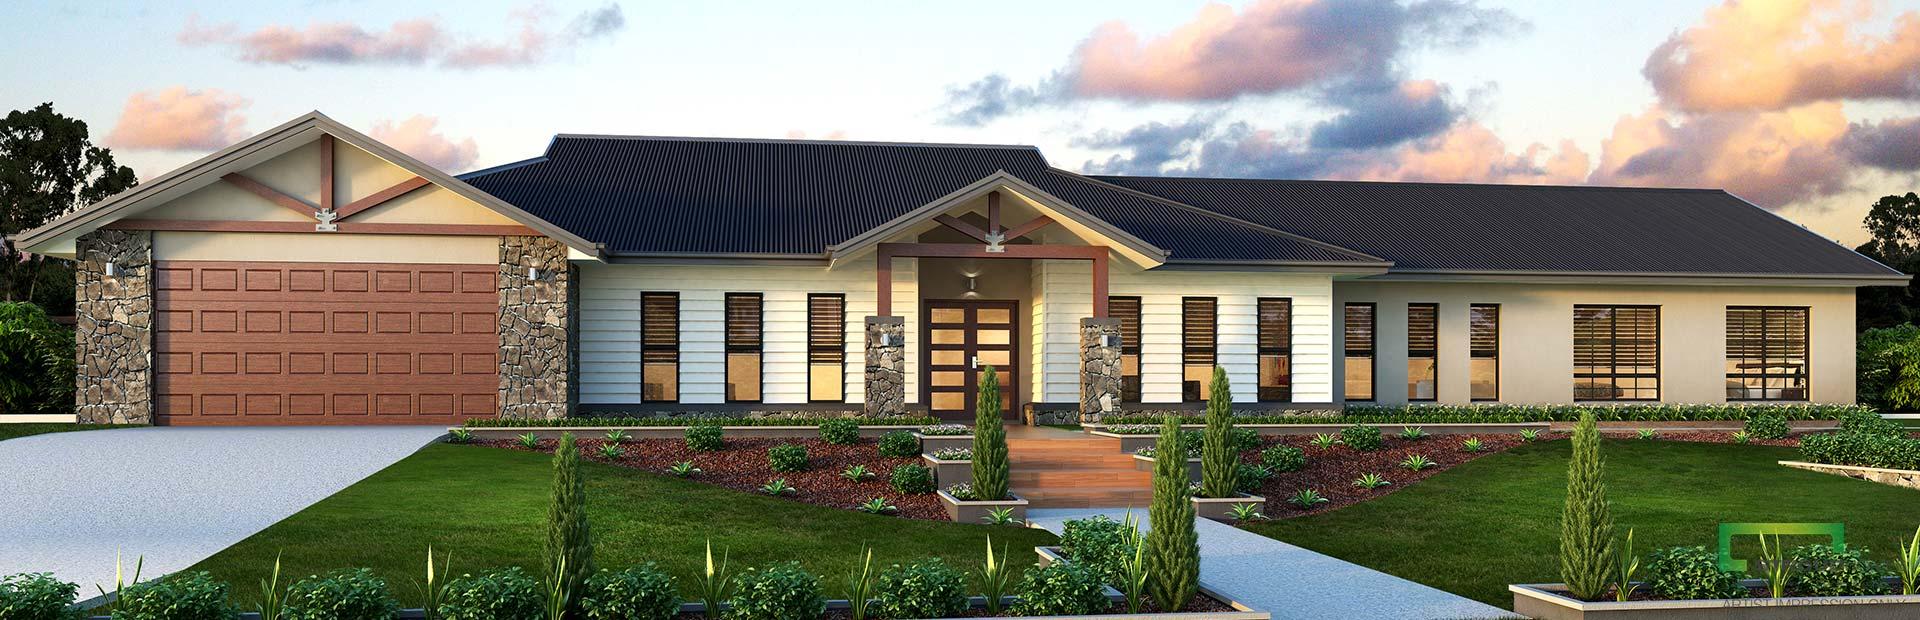 Stroud Homes Kentucky 348